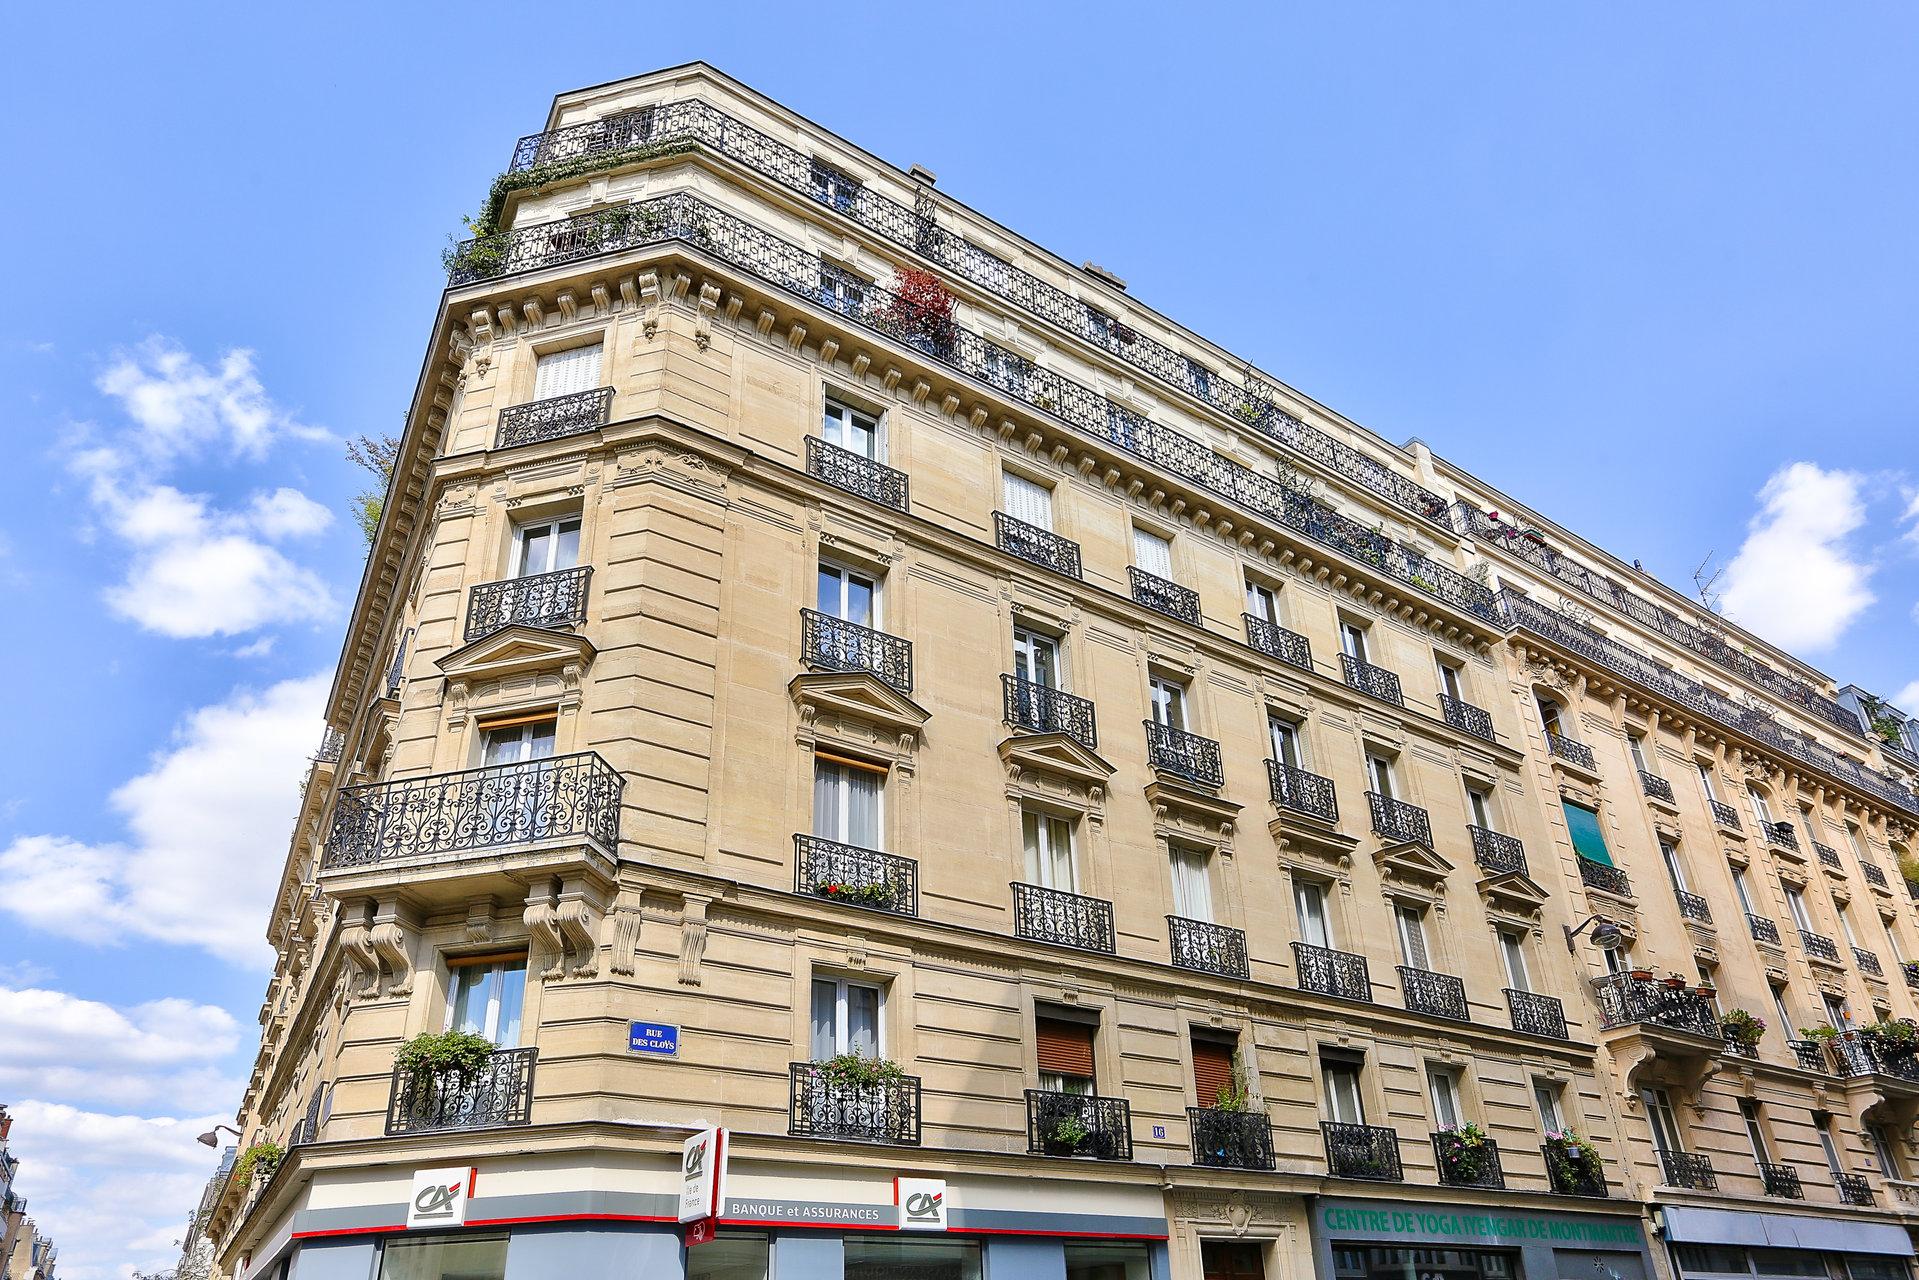 Paris - XVIII ème - MONTMARTRE - M° Lamarck - Caulaincourt LOFT /ATELIER - TRAVERSANT - 3,3 MÈTRES DE HAUTEUR SOUS PLAFOND - BALCON